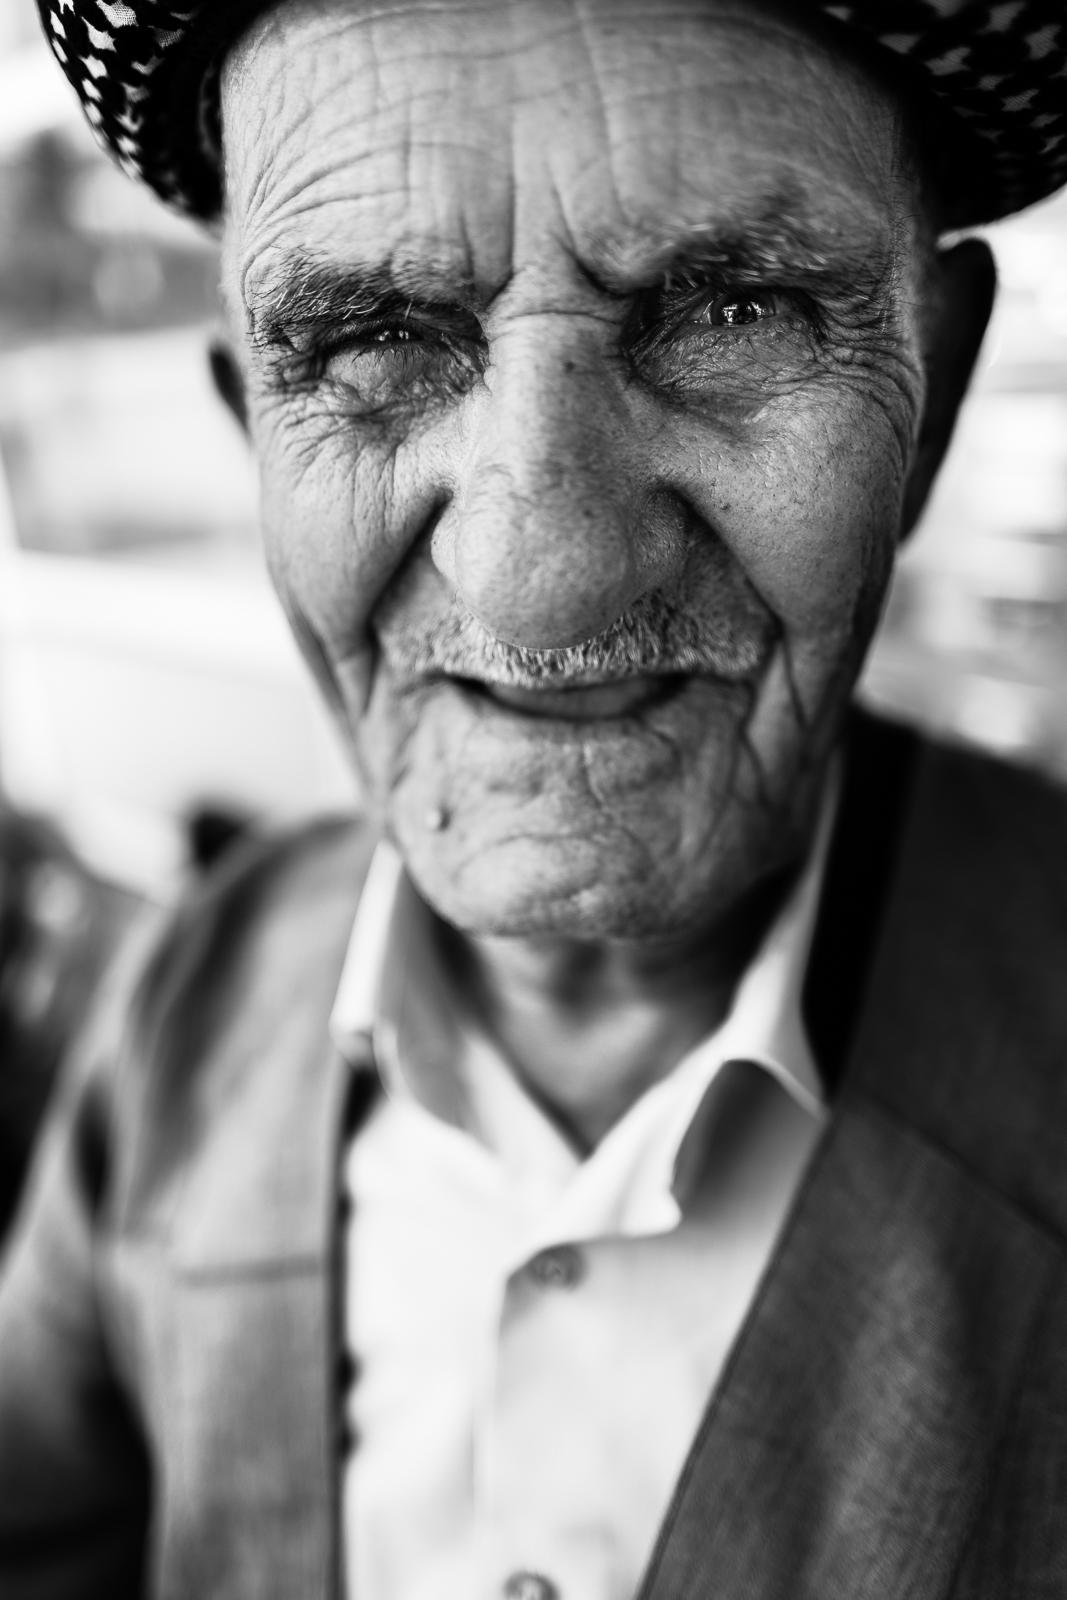 An old kurdish man in Dahuk, Iraq